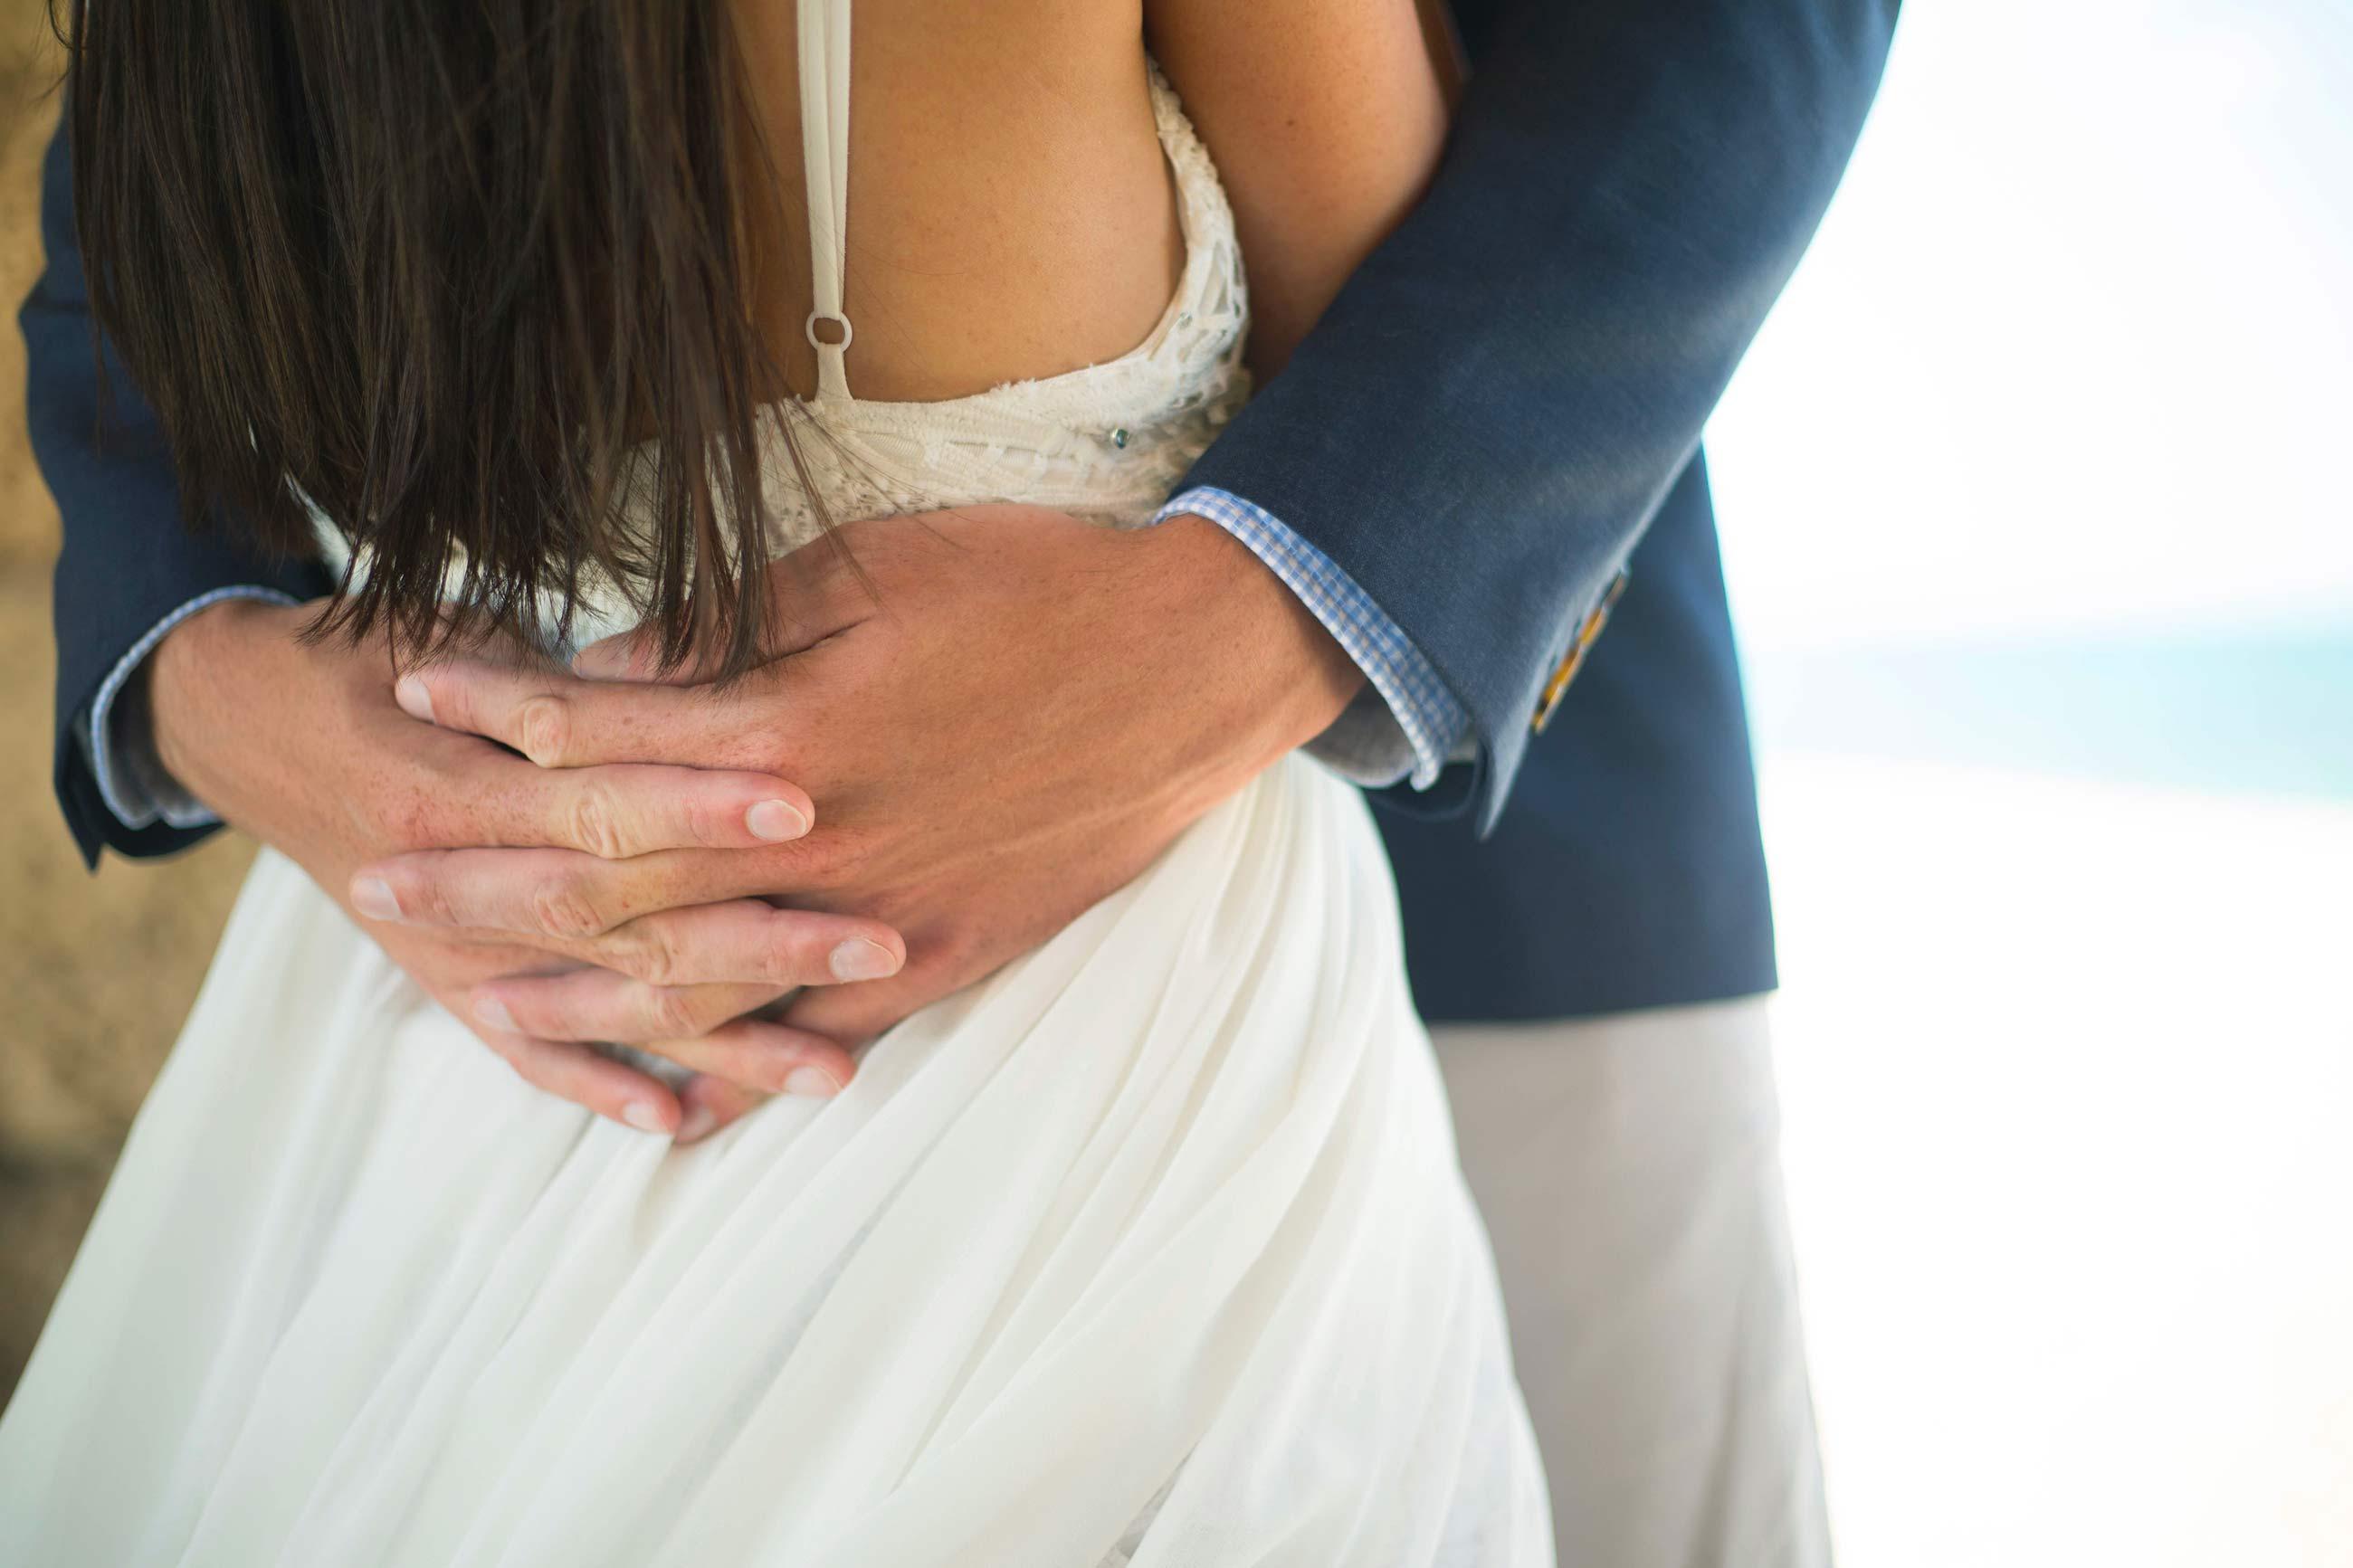 lea-jeremie-mariage-tel-aviv-israel-photographe-paris-video2